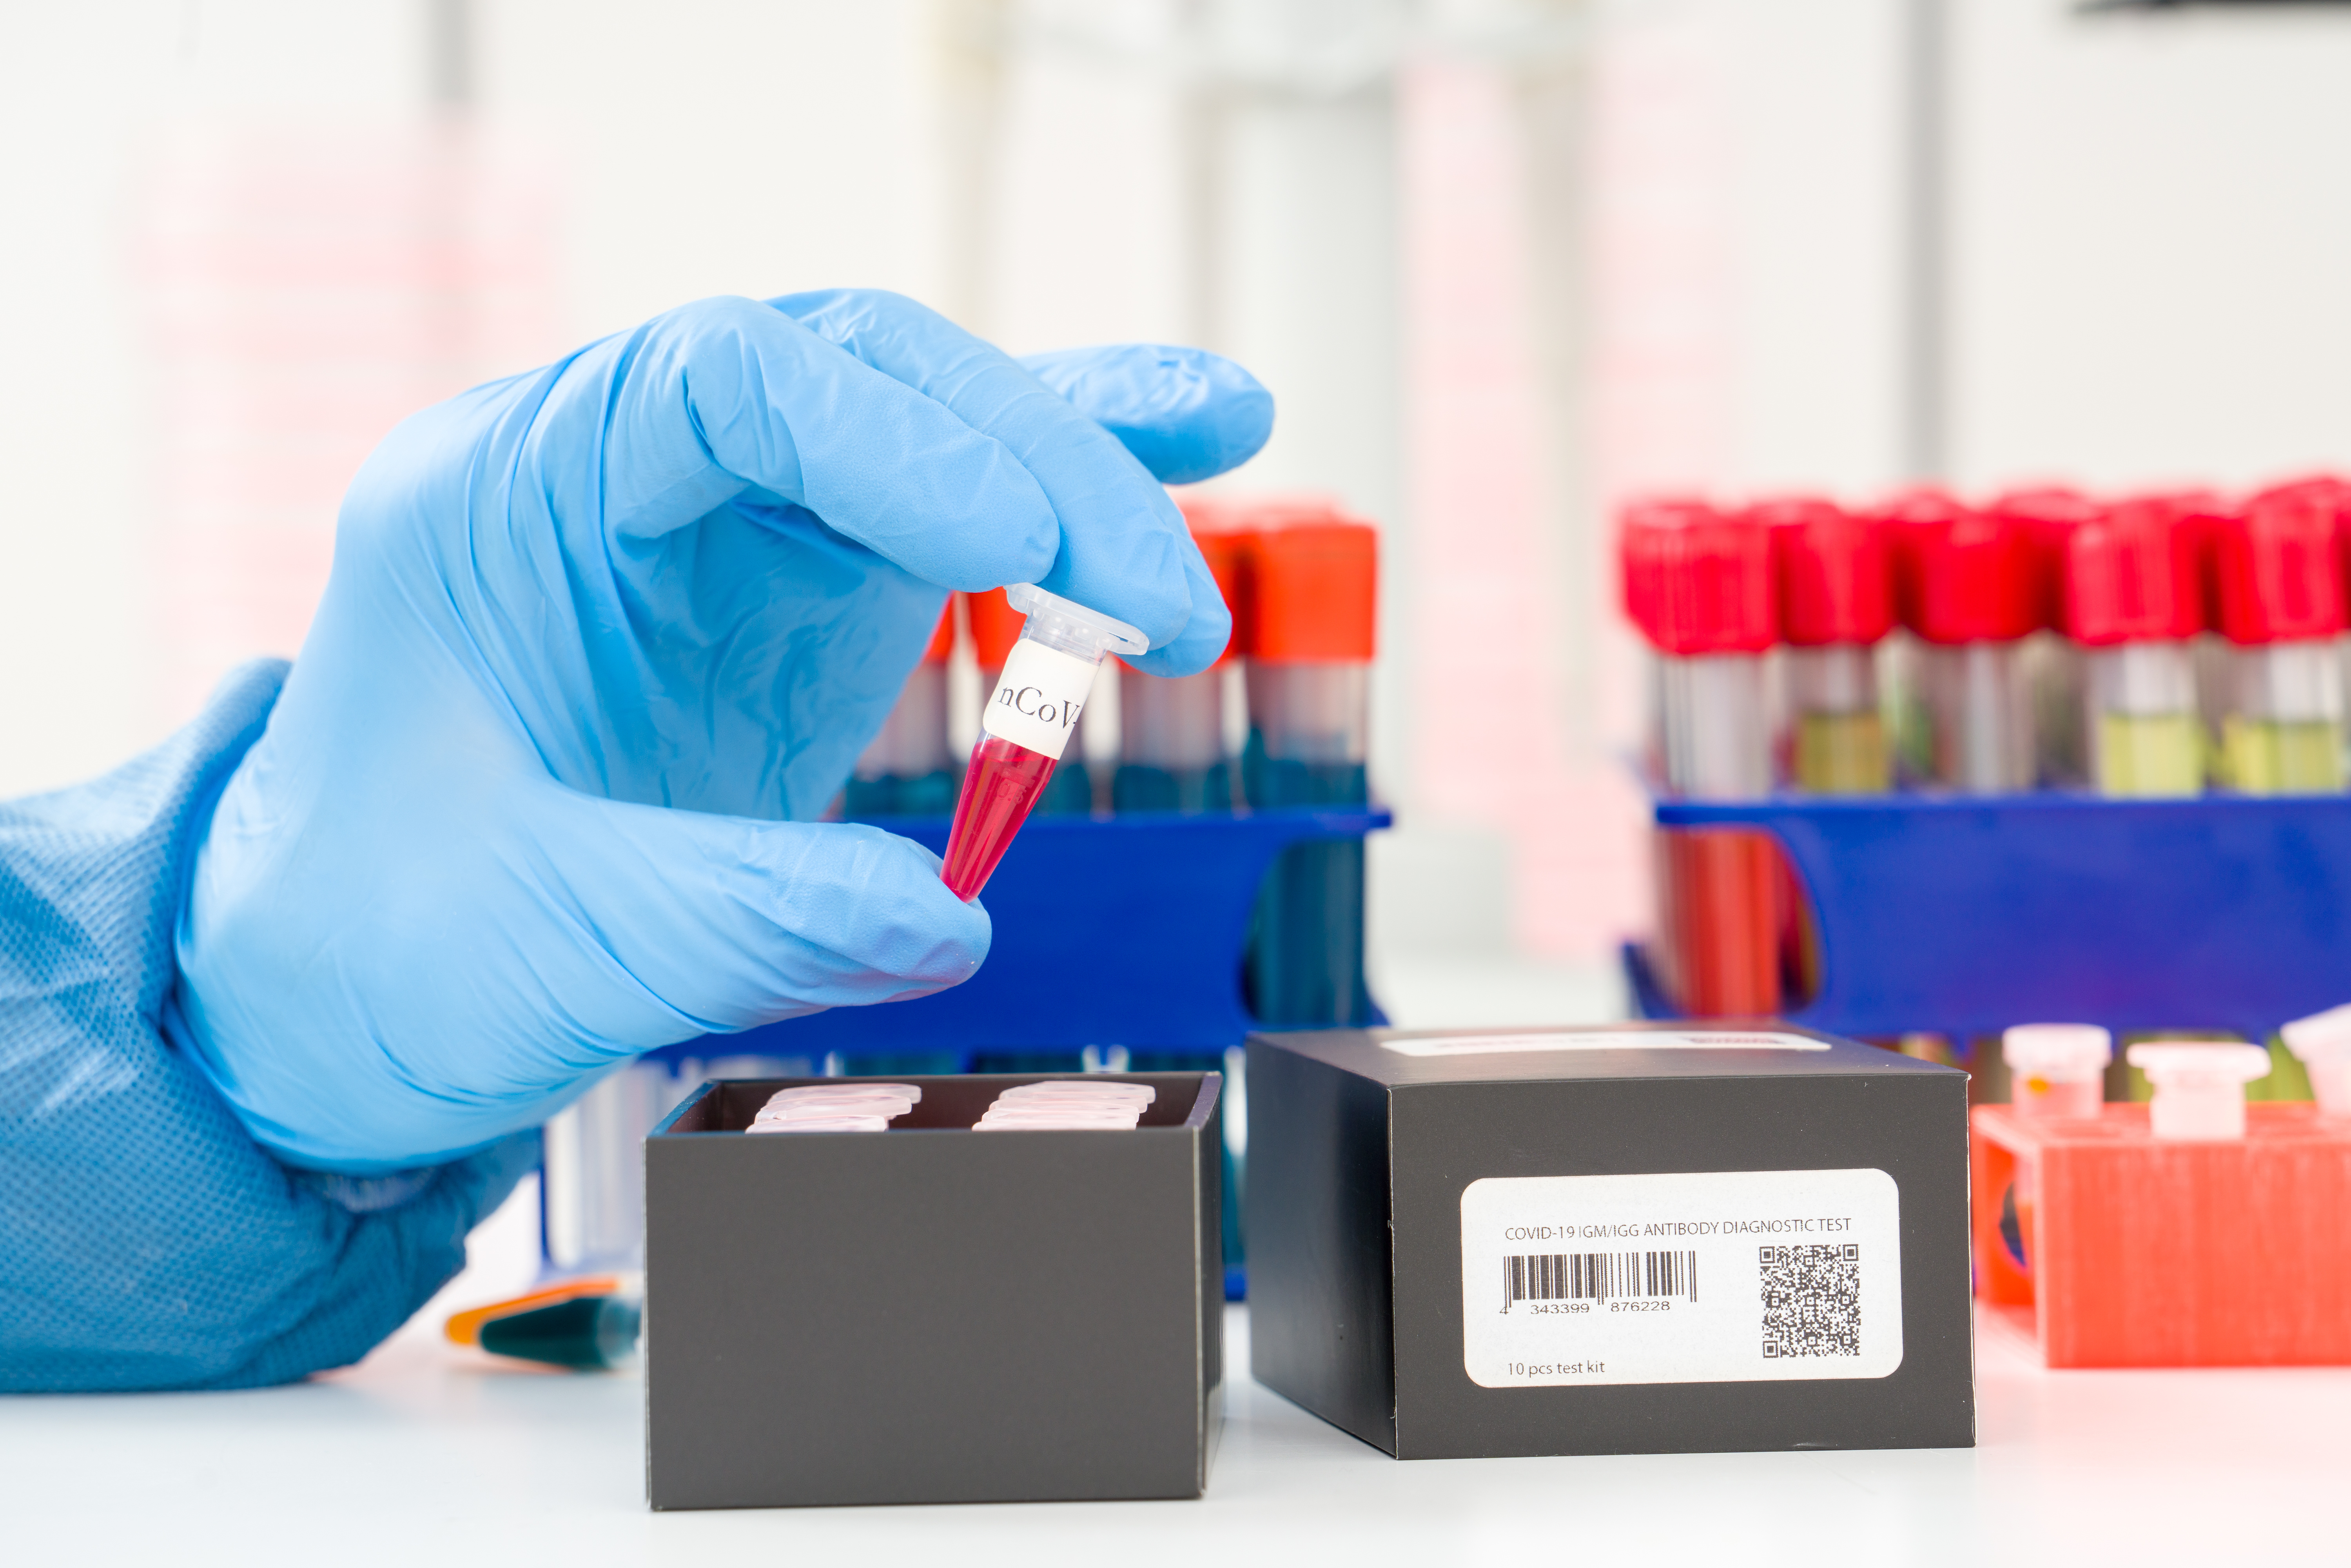 Une donnée essentielle fait particulièrement défaut, la force et la durée de l'immunité humaine